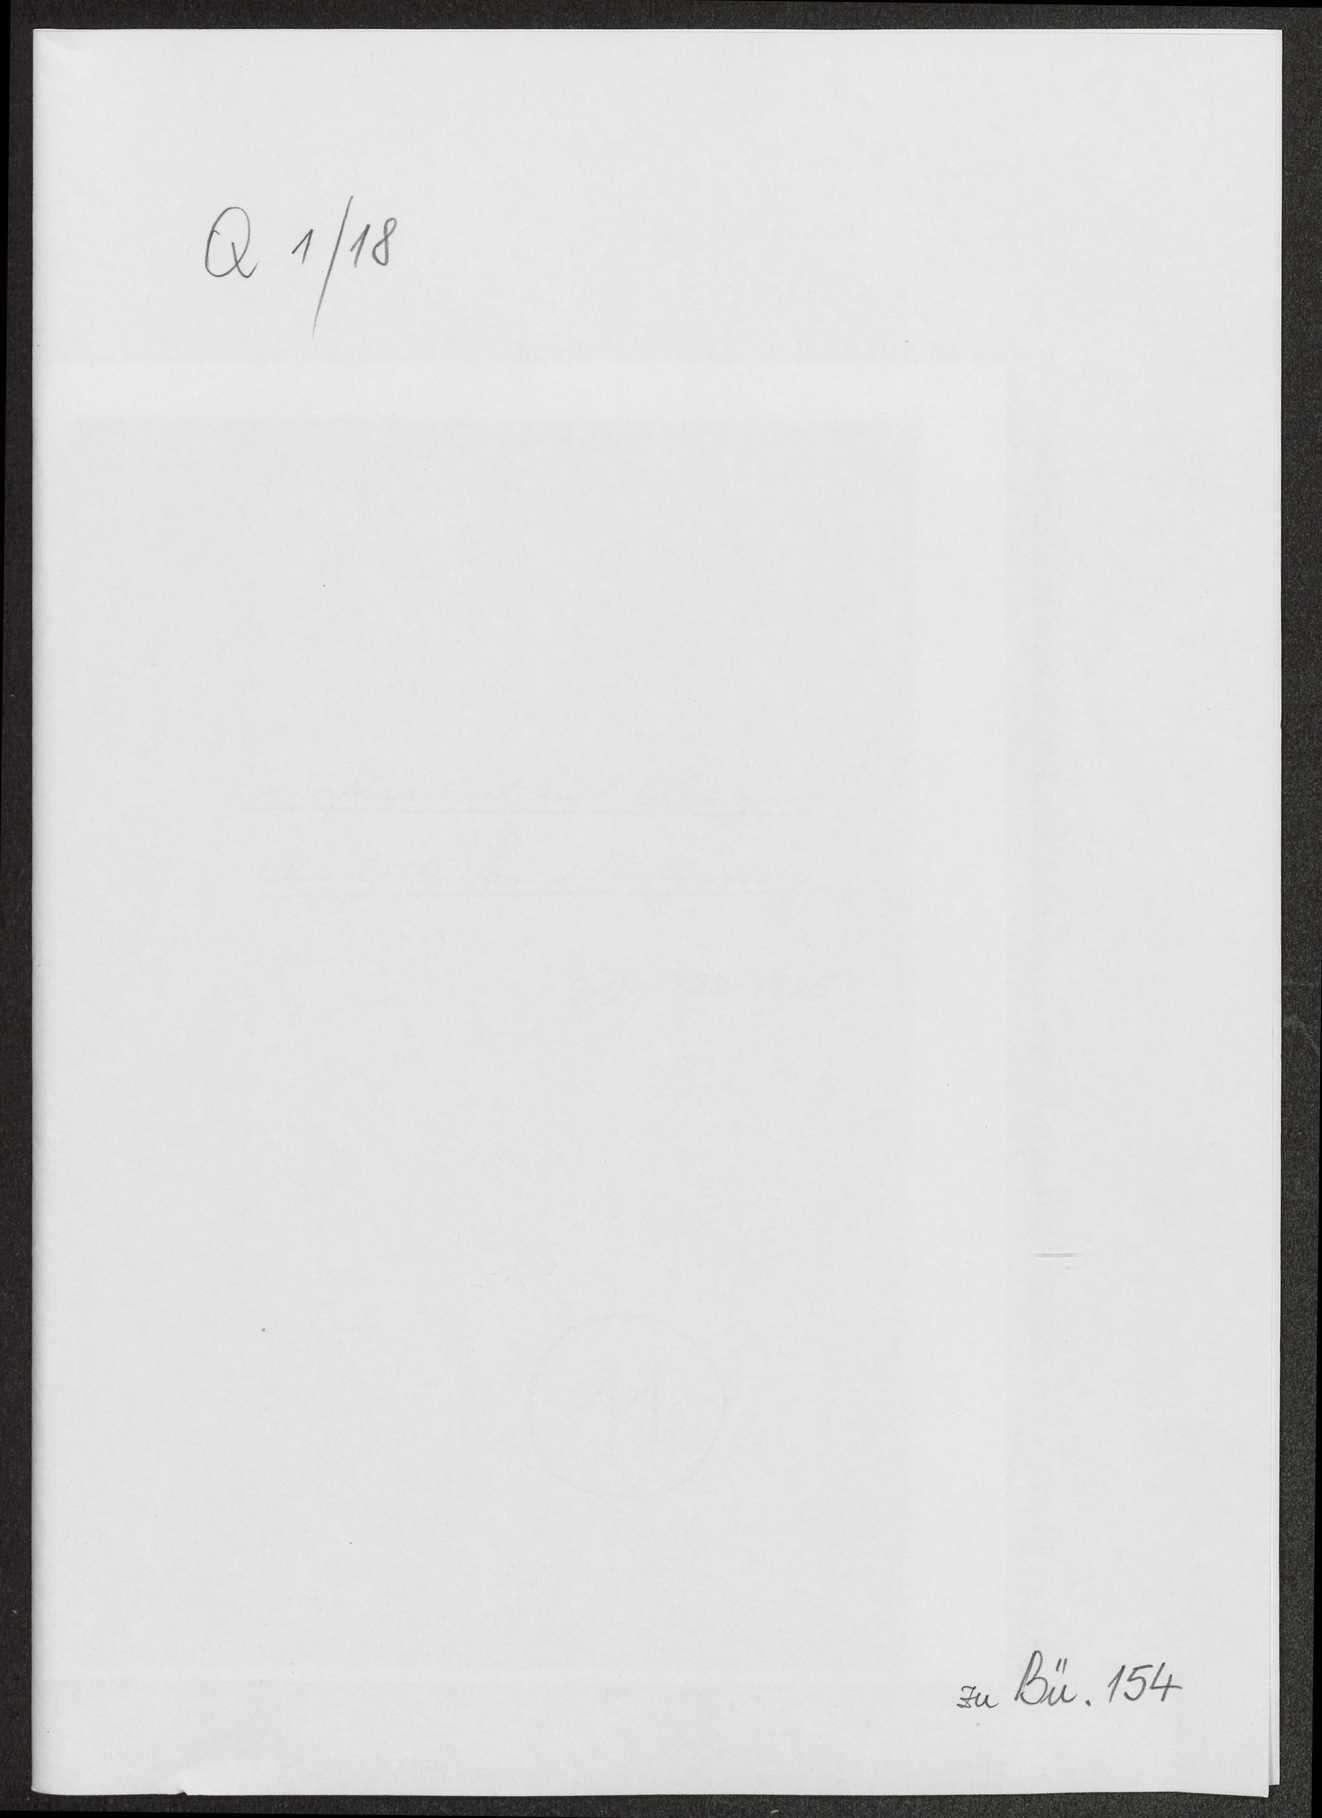 Schreiben an Weizsäcker von verschiedenen Persönlichkeiten, Bild 1